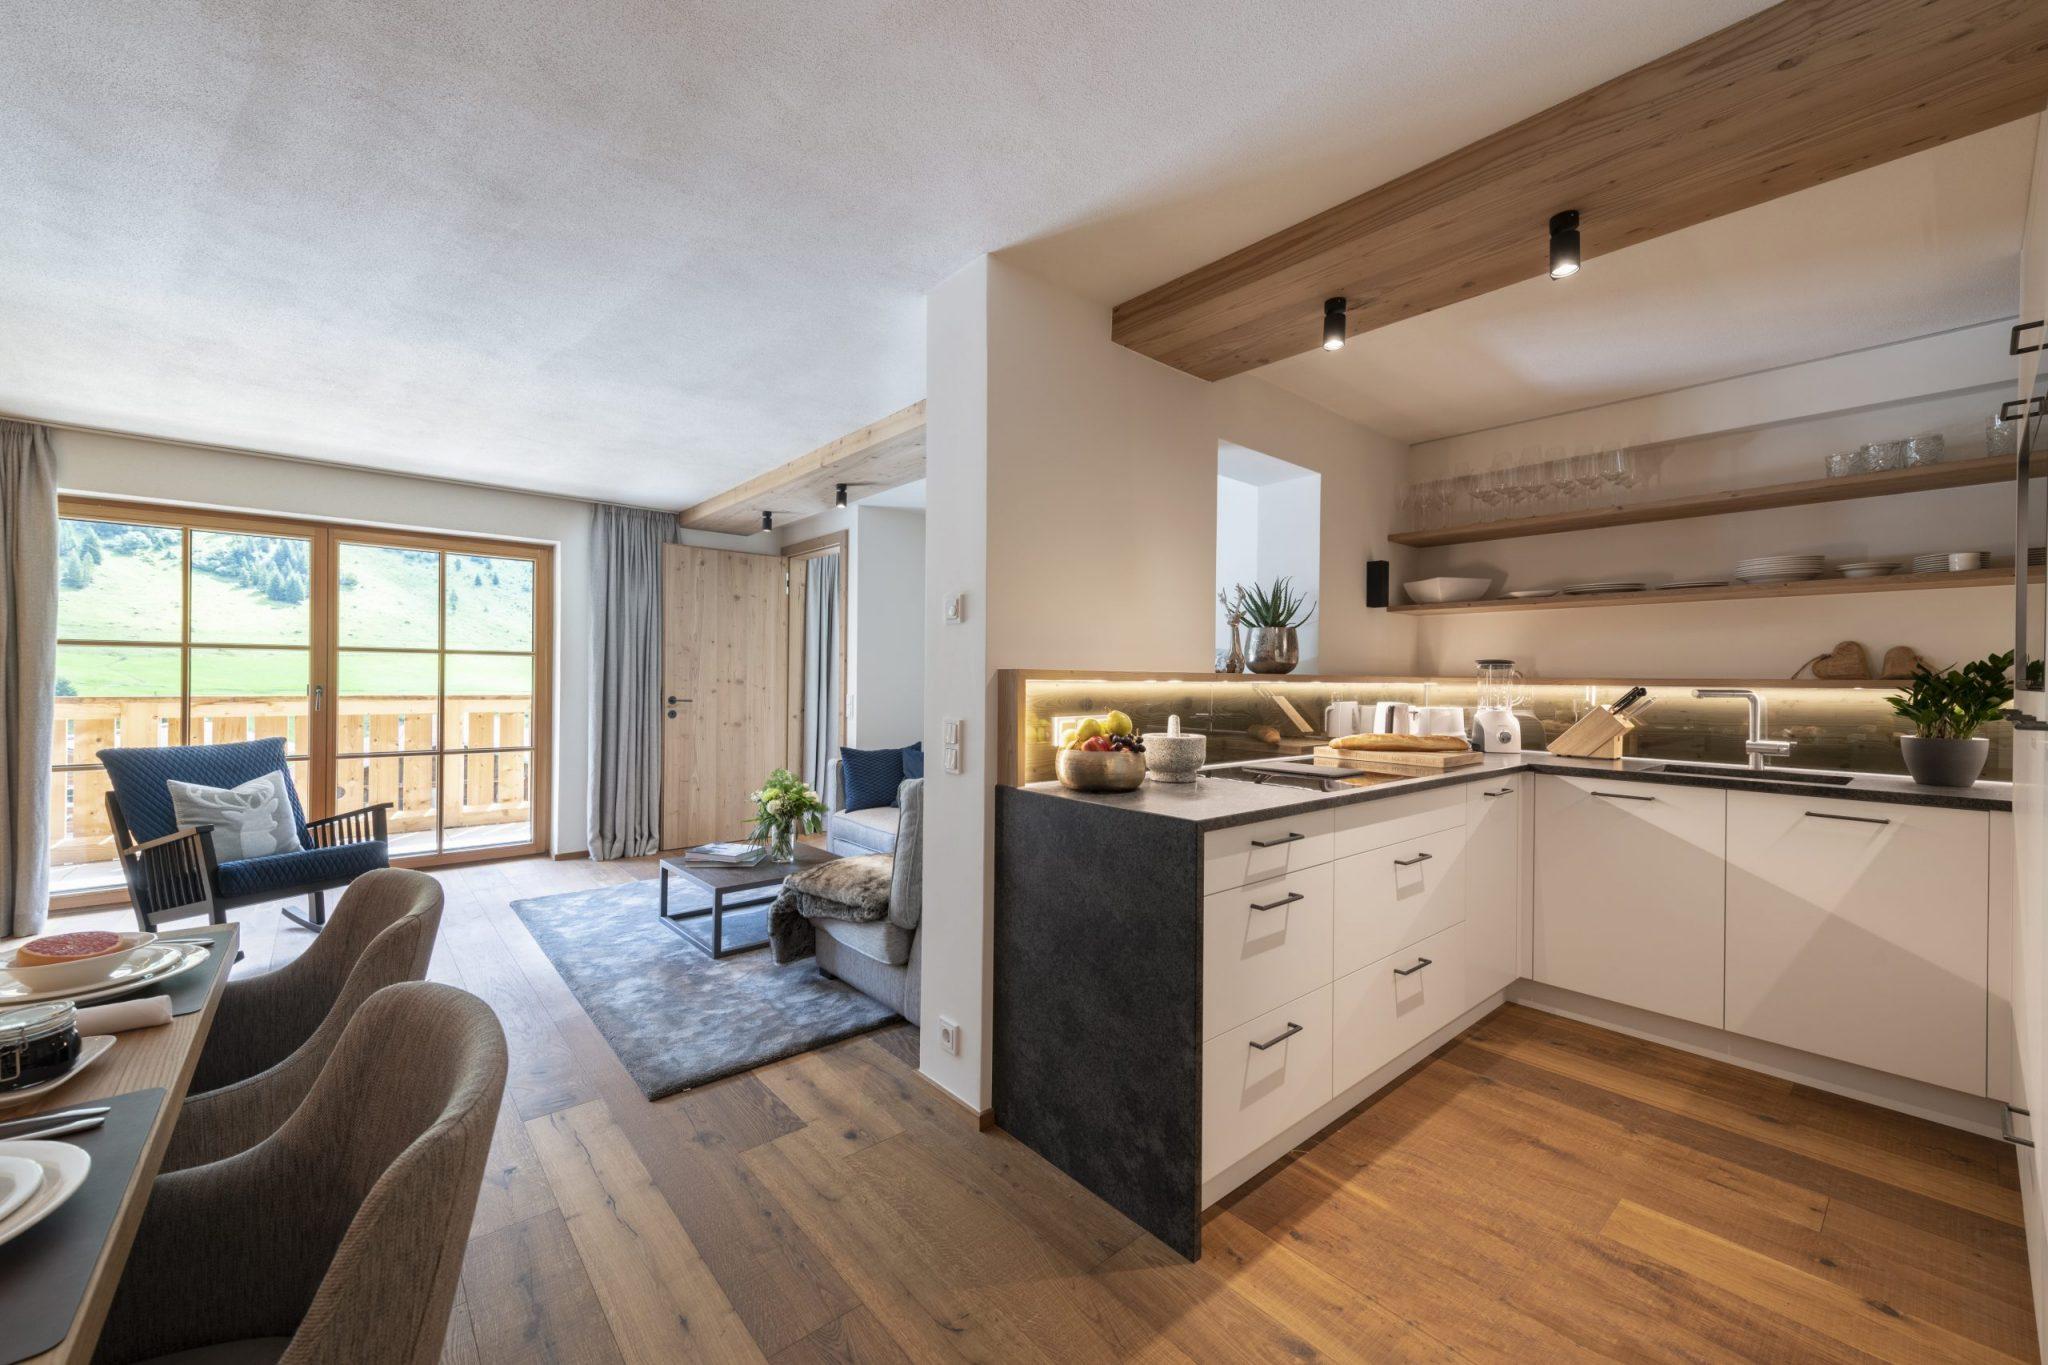 brunnenhof-5-12435-scaled